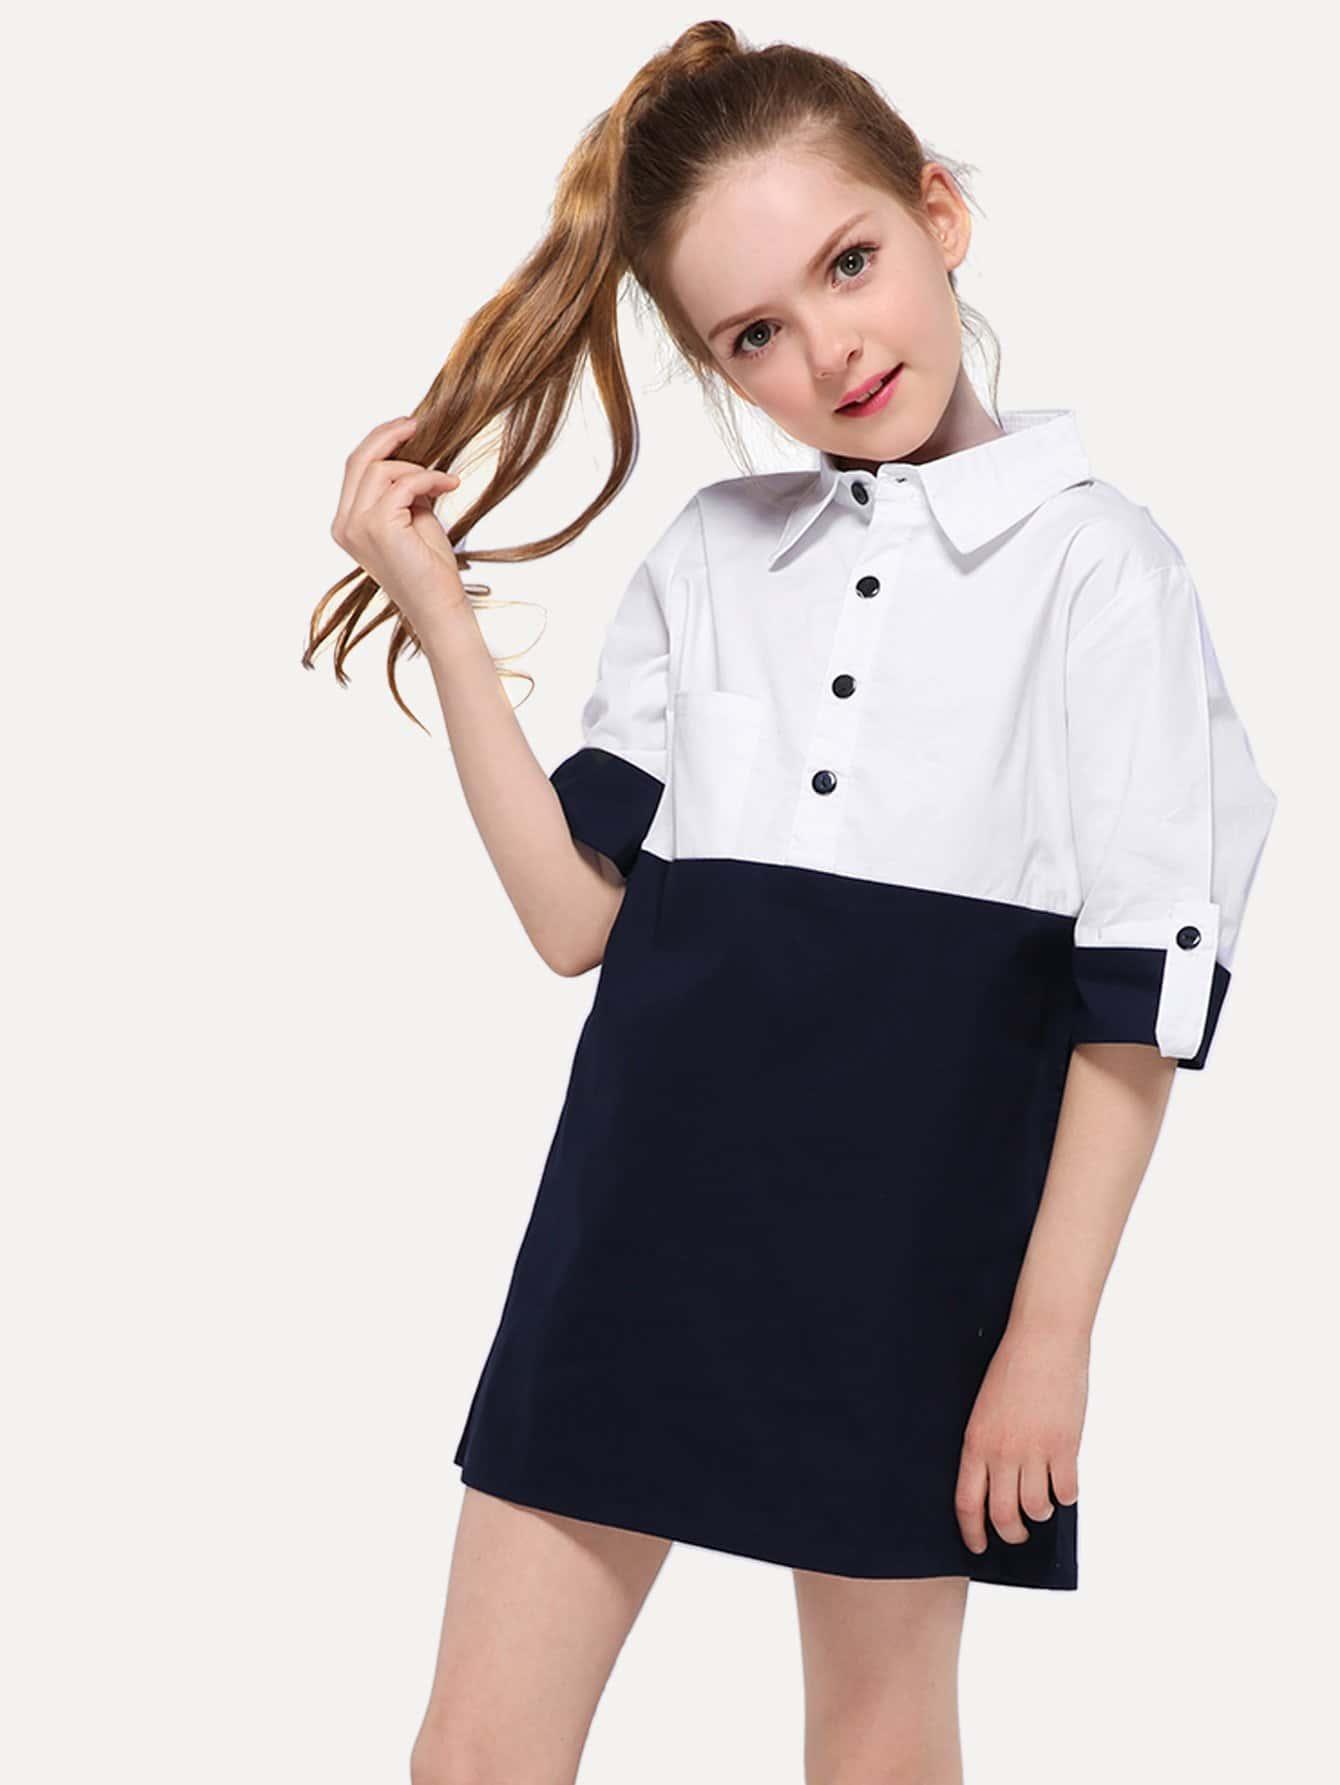 Купить Стиль кэжуал Контрастный цвет рубашка Чёрнобелые Платья для девочек, null, SheIn